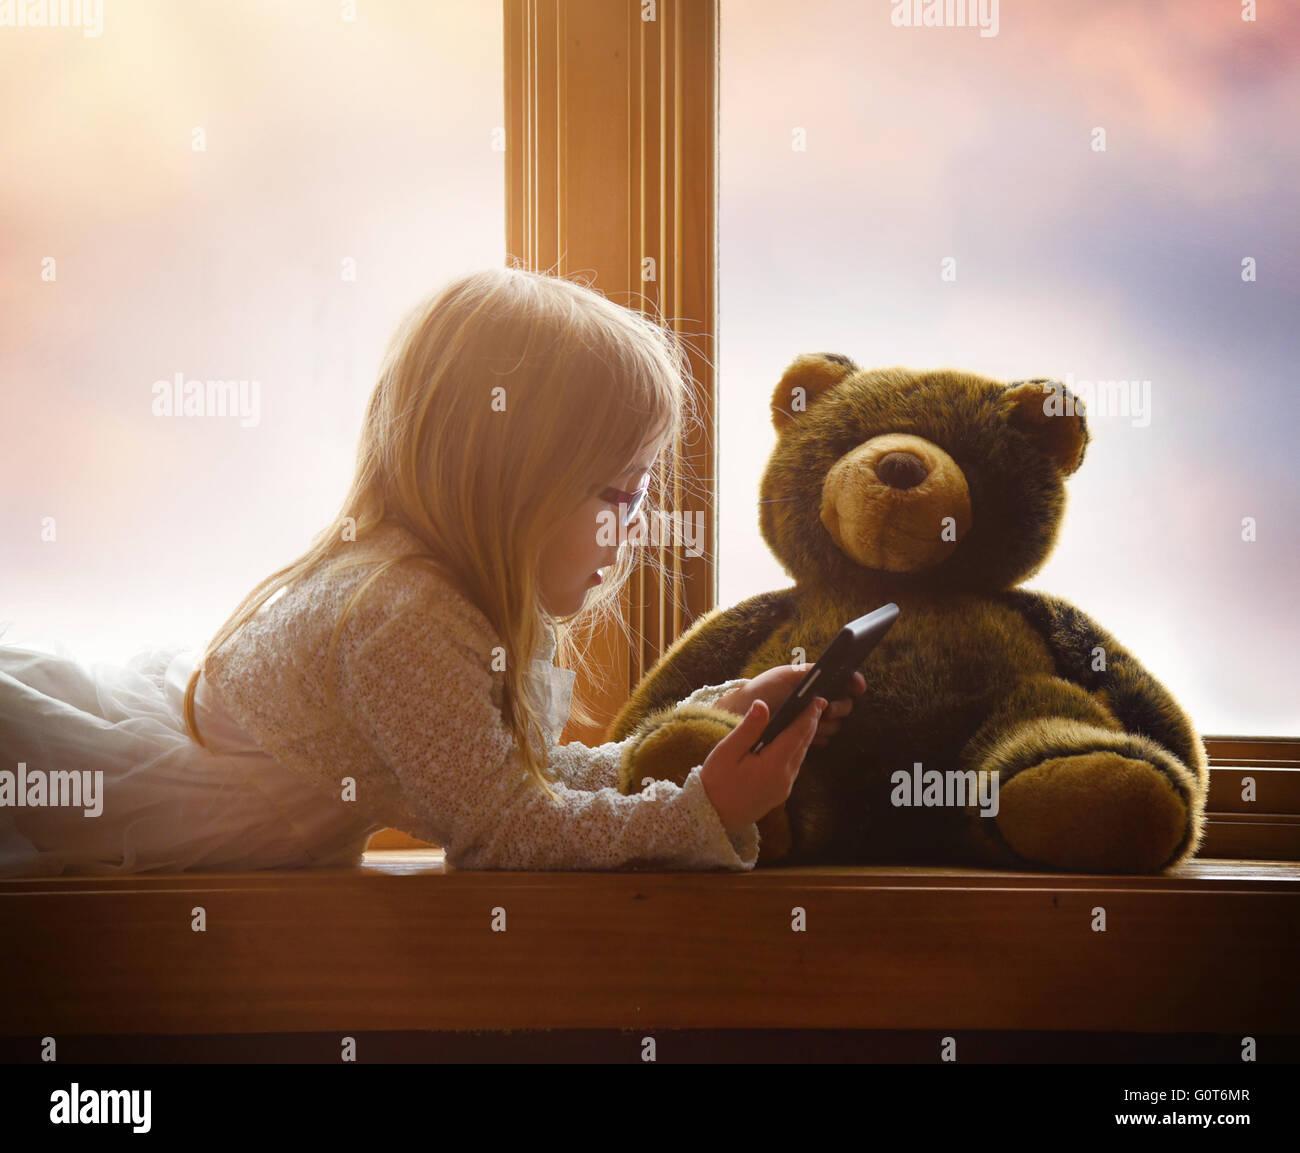 Un bambino sta giocando con una tavoletta elettronica in una finestra con il suo orsacchiotto di peluche per un Immagini Stock